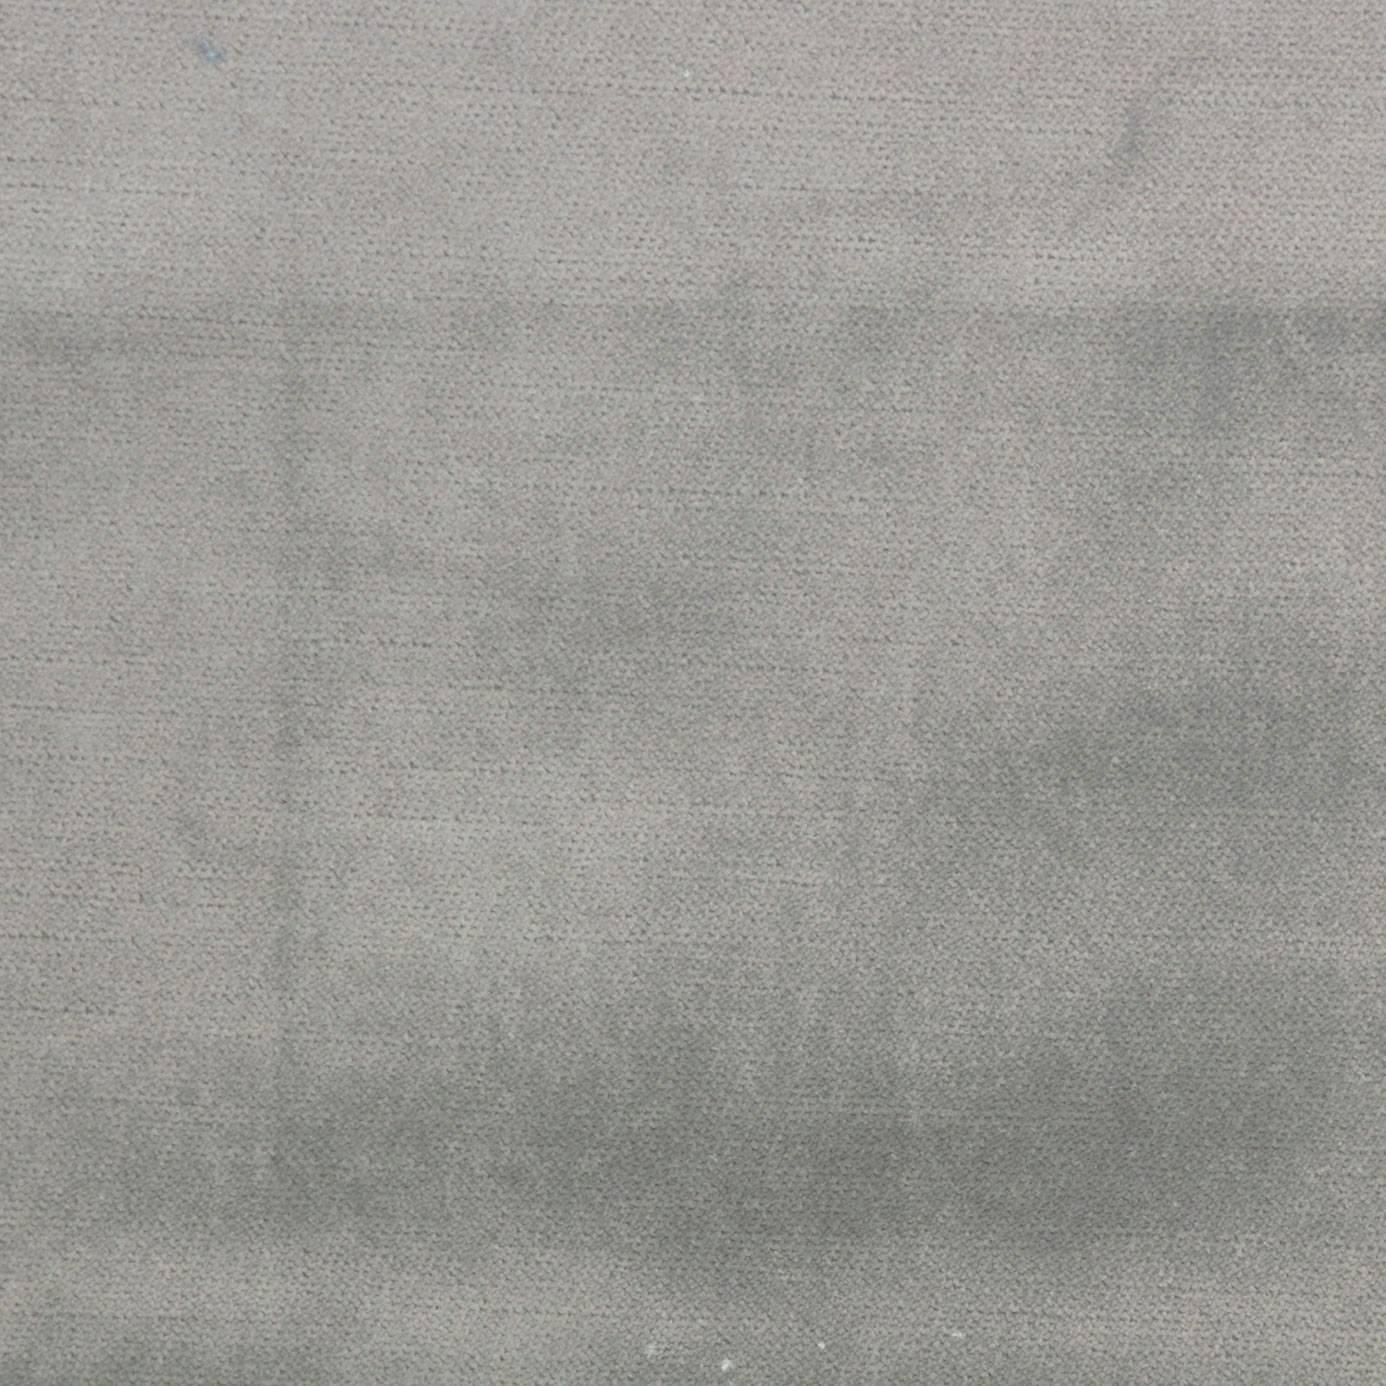 Palladium Fabric Gull 7097 935 Prestigious Textiles